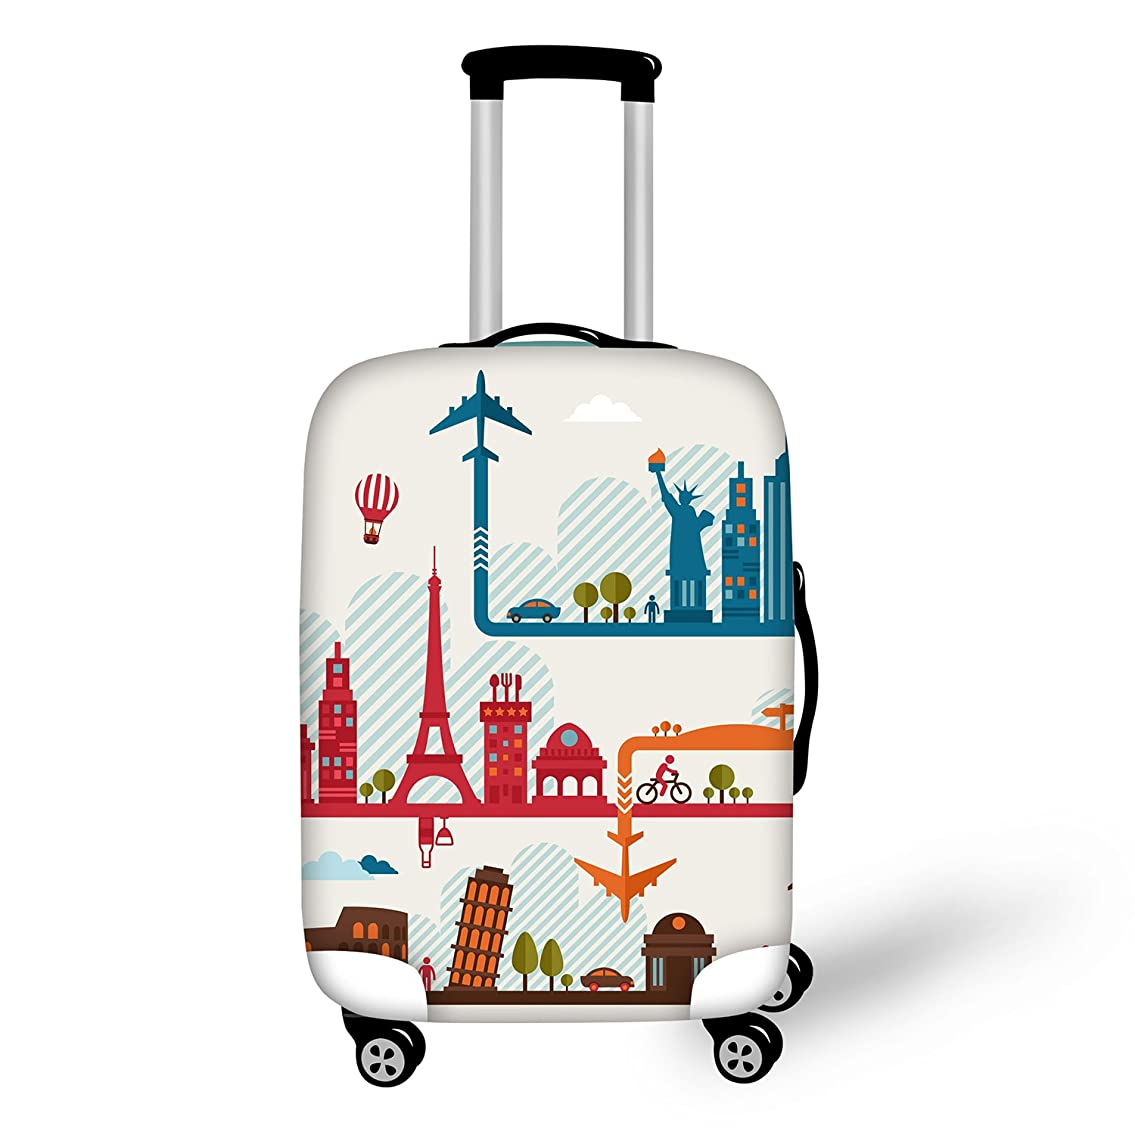 伝染性の雑品清めるThiKin スーツケースカバー おしゃれ 目立つ 洗える 伸縮素材 旅行 弾性設計 防塵 ラゲッジカバー キャリーカバー 人気 suitcase luggage cover S M L サイズ